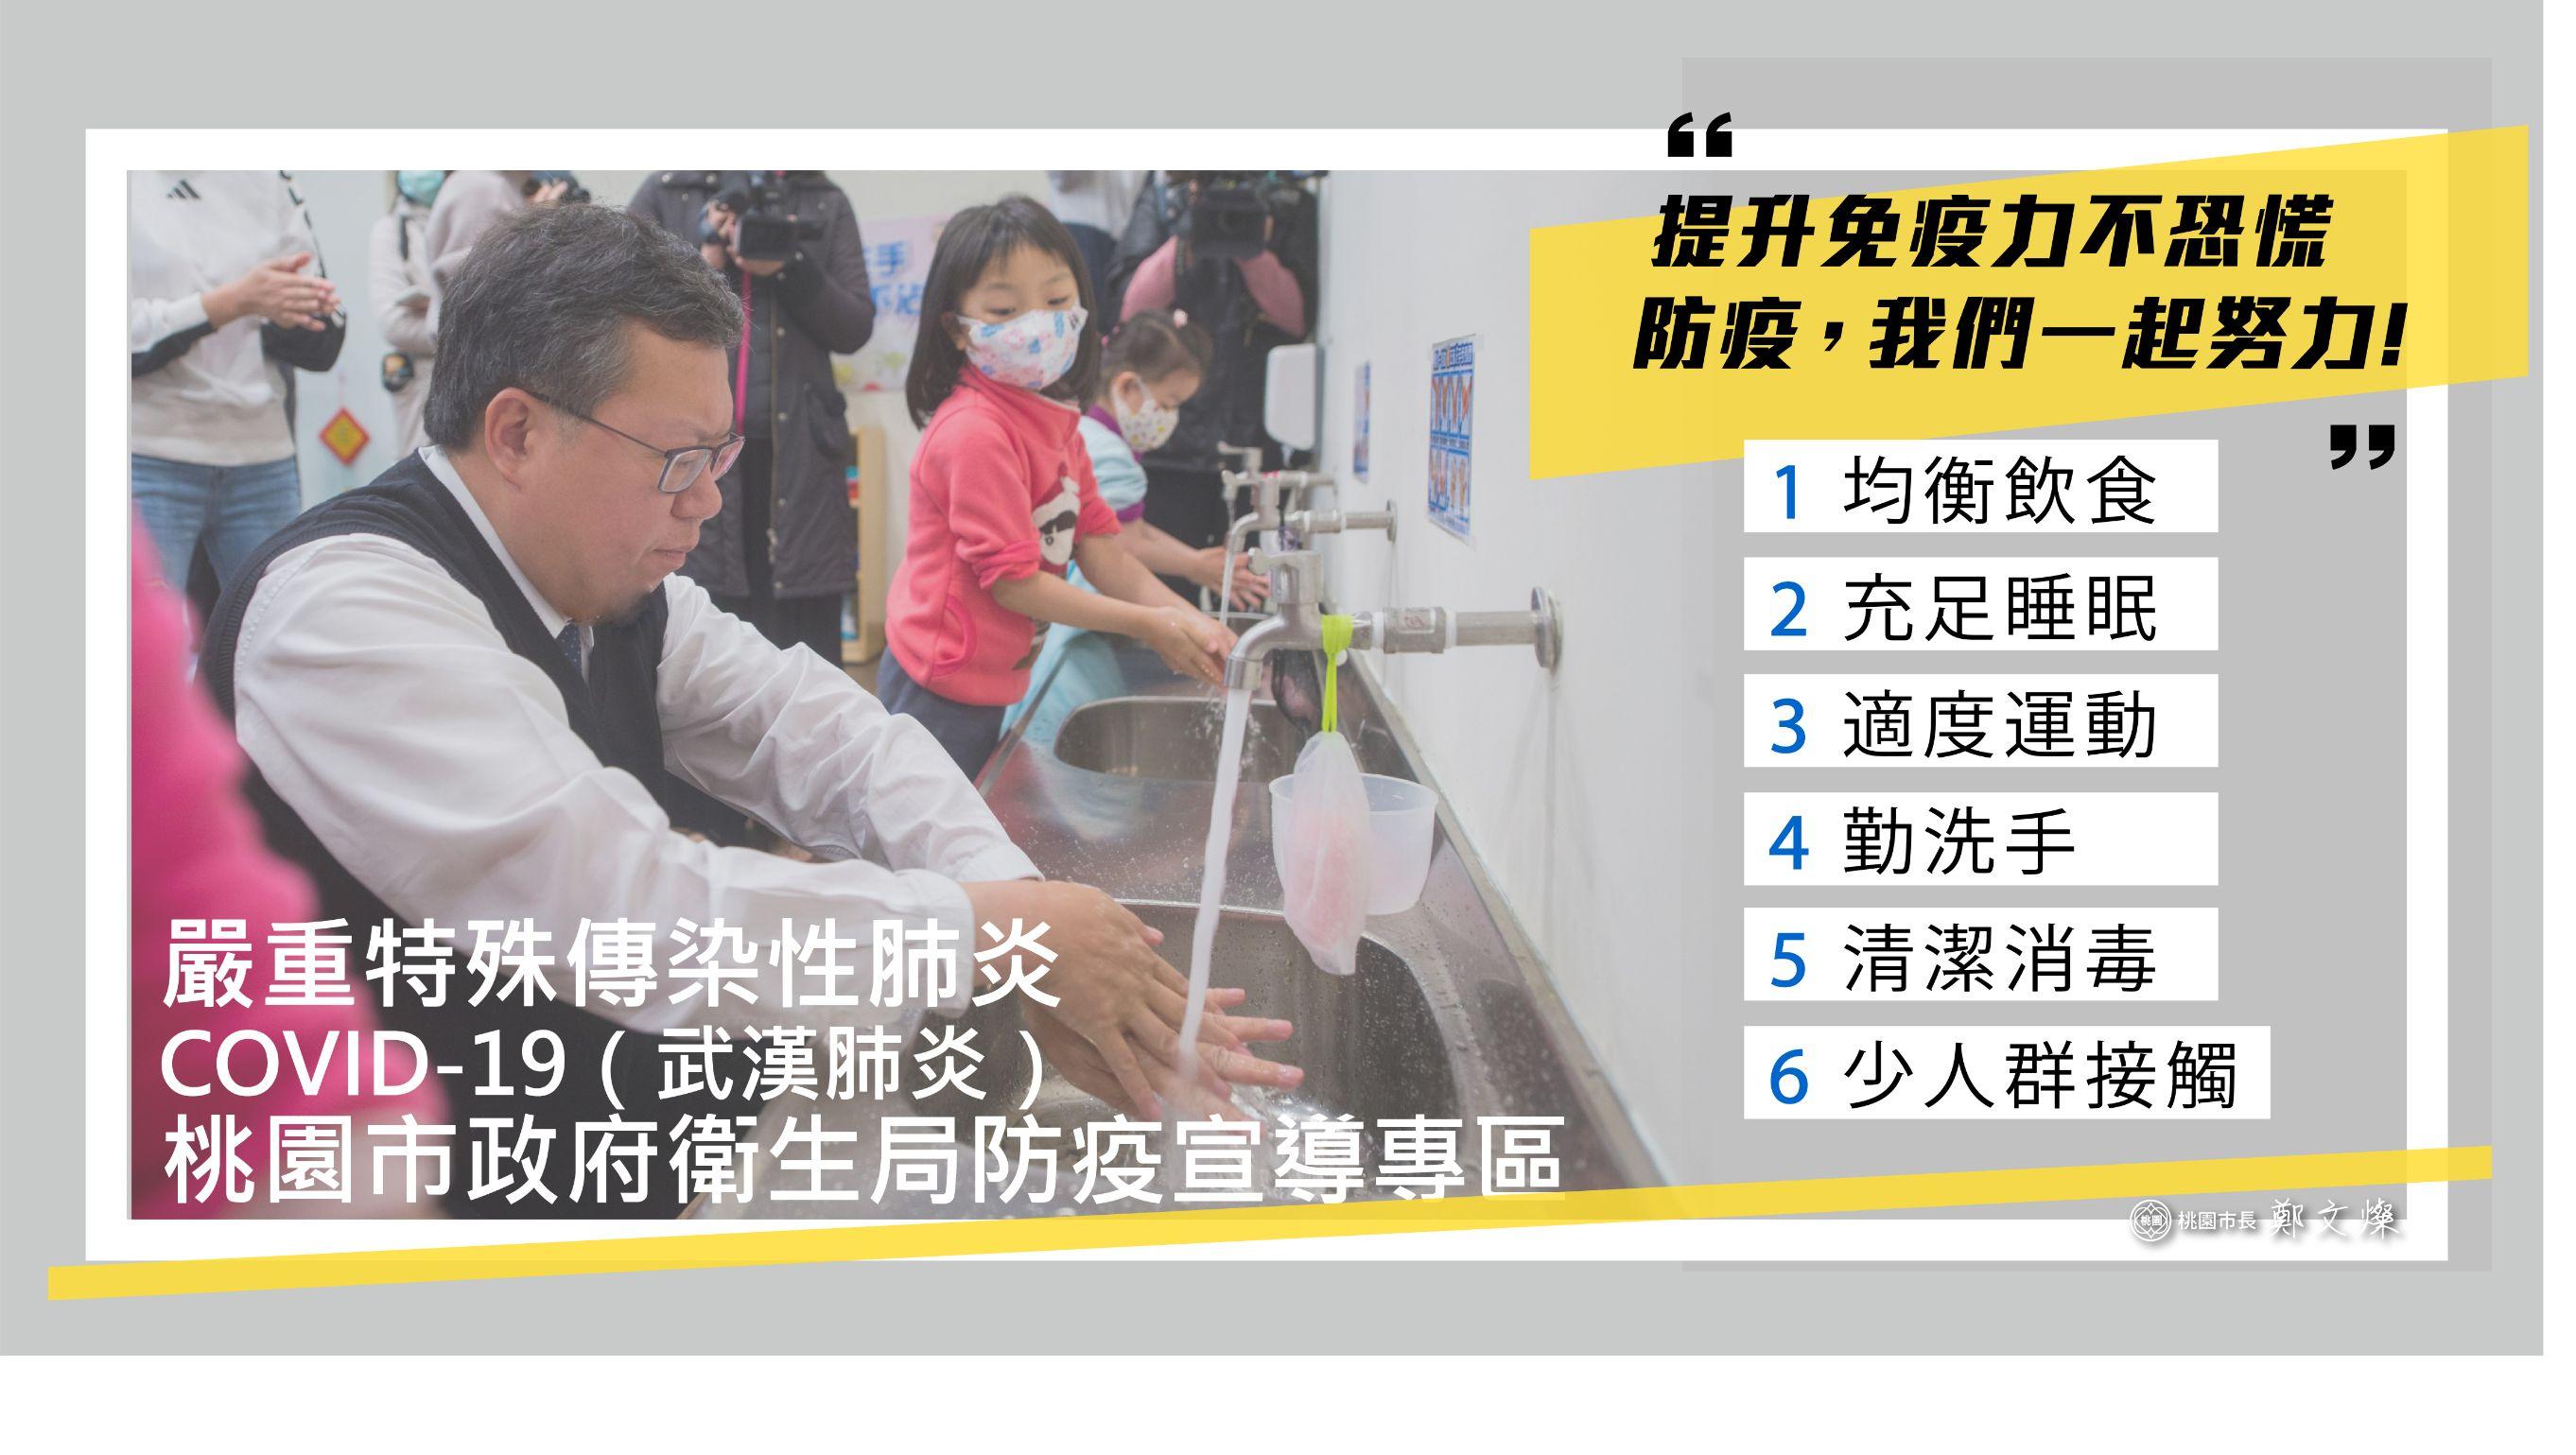 桃園市嚴重特殊傳染性肺炎(COVID-19)防疫專區banner